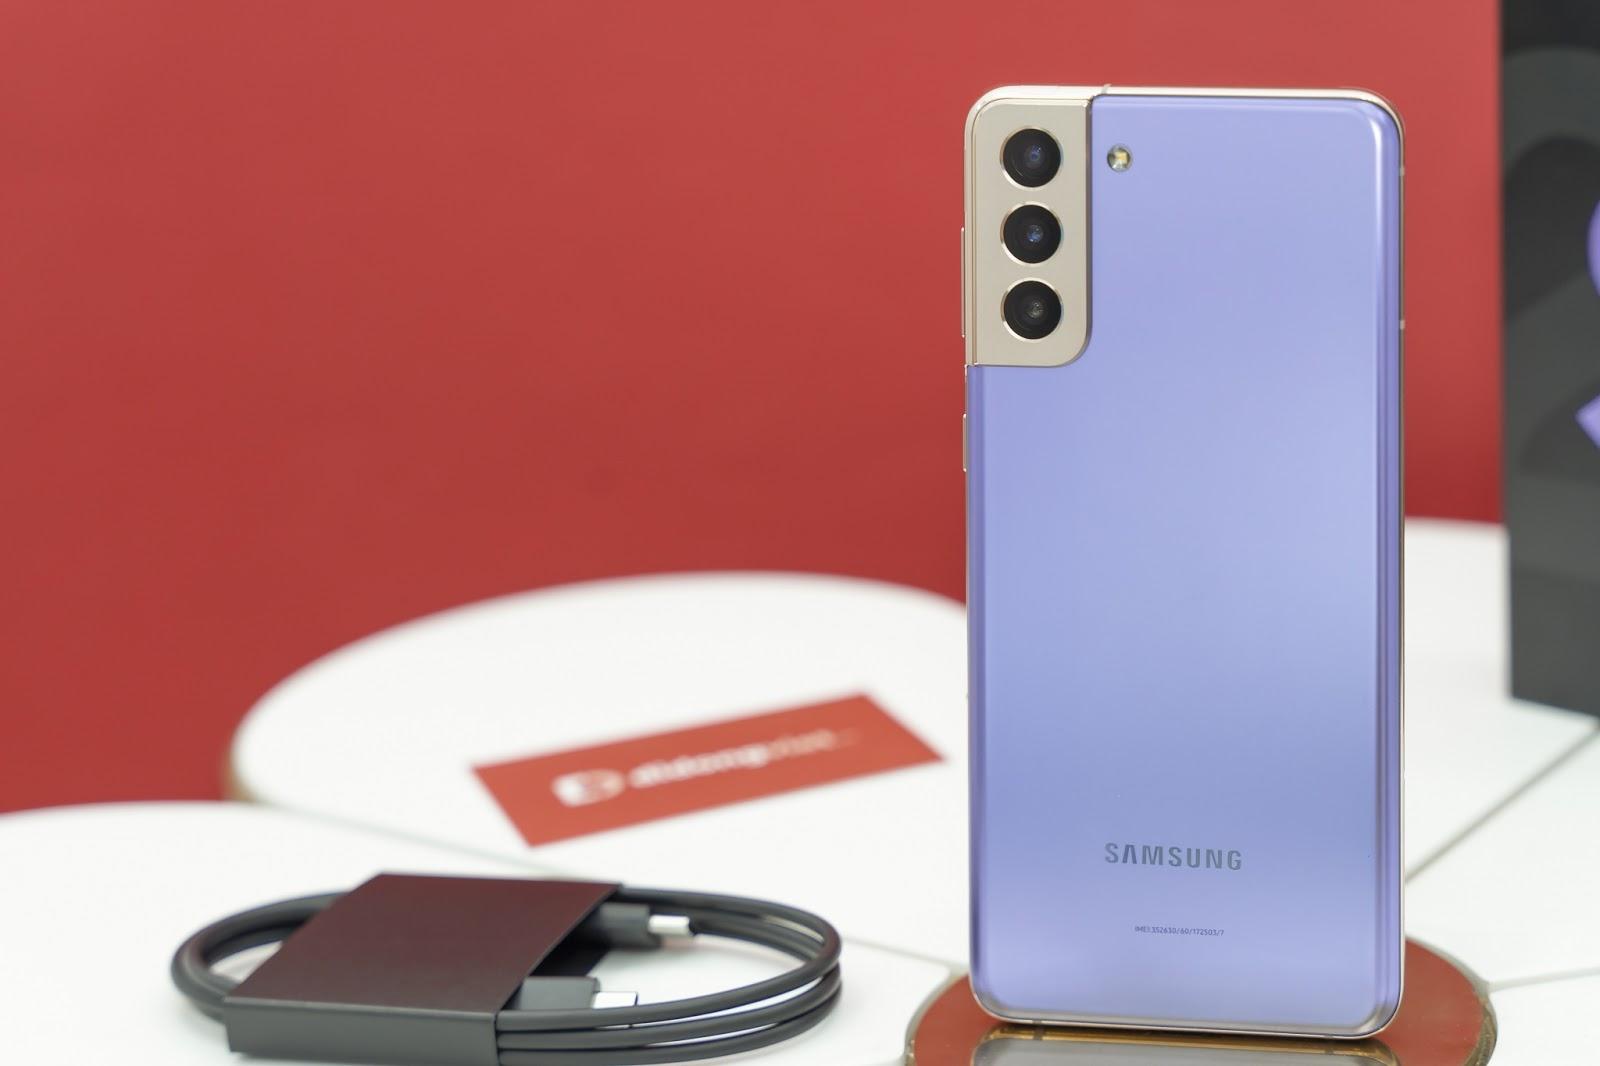 Di Động Việt mở bán 100 suất bán Galaxy S21 Plus giá 18,99 triệu đồng 2